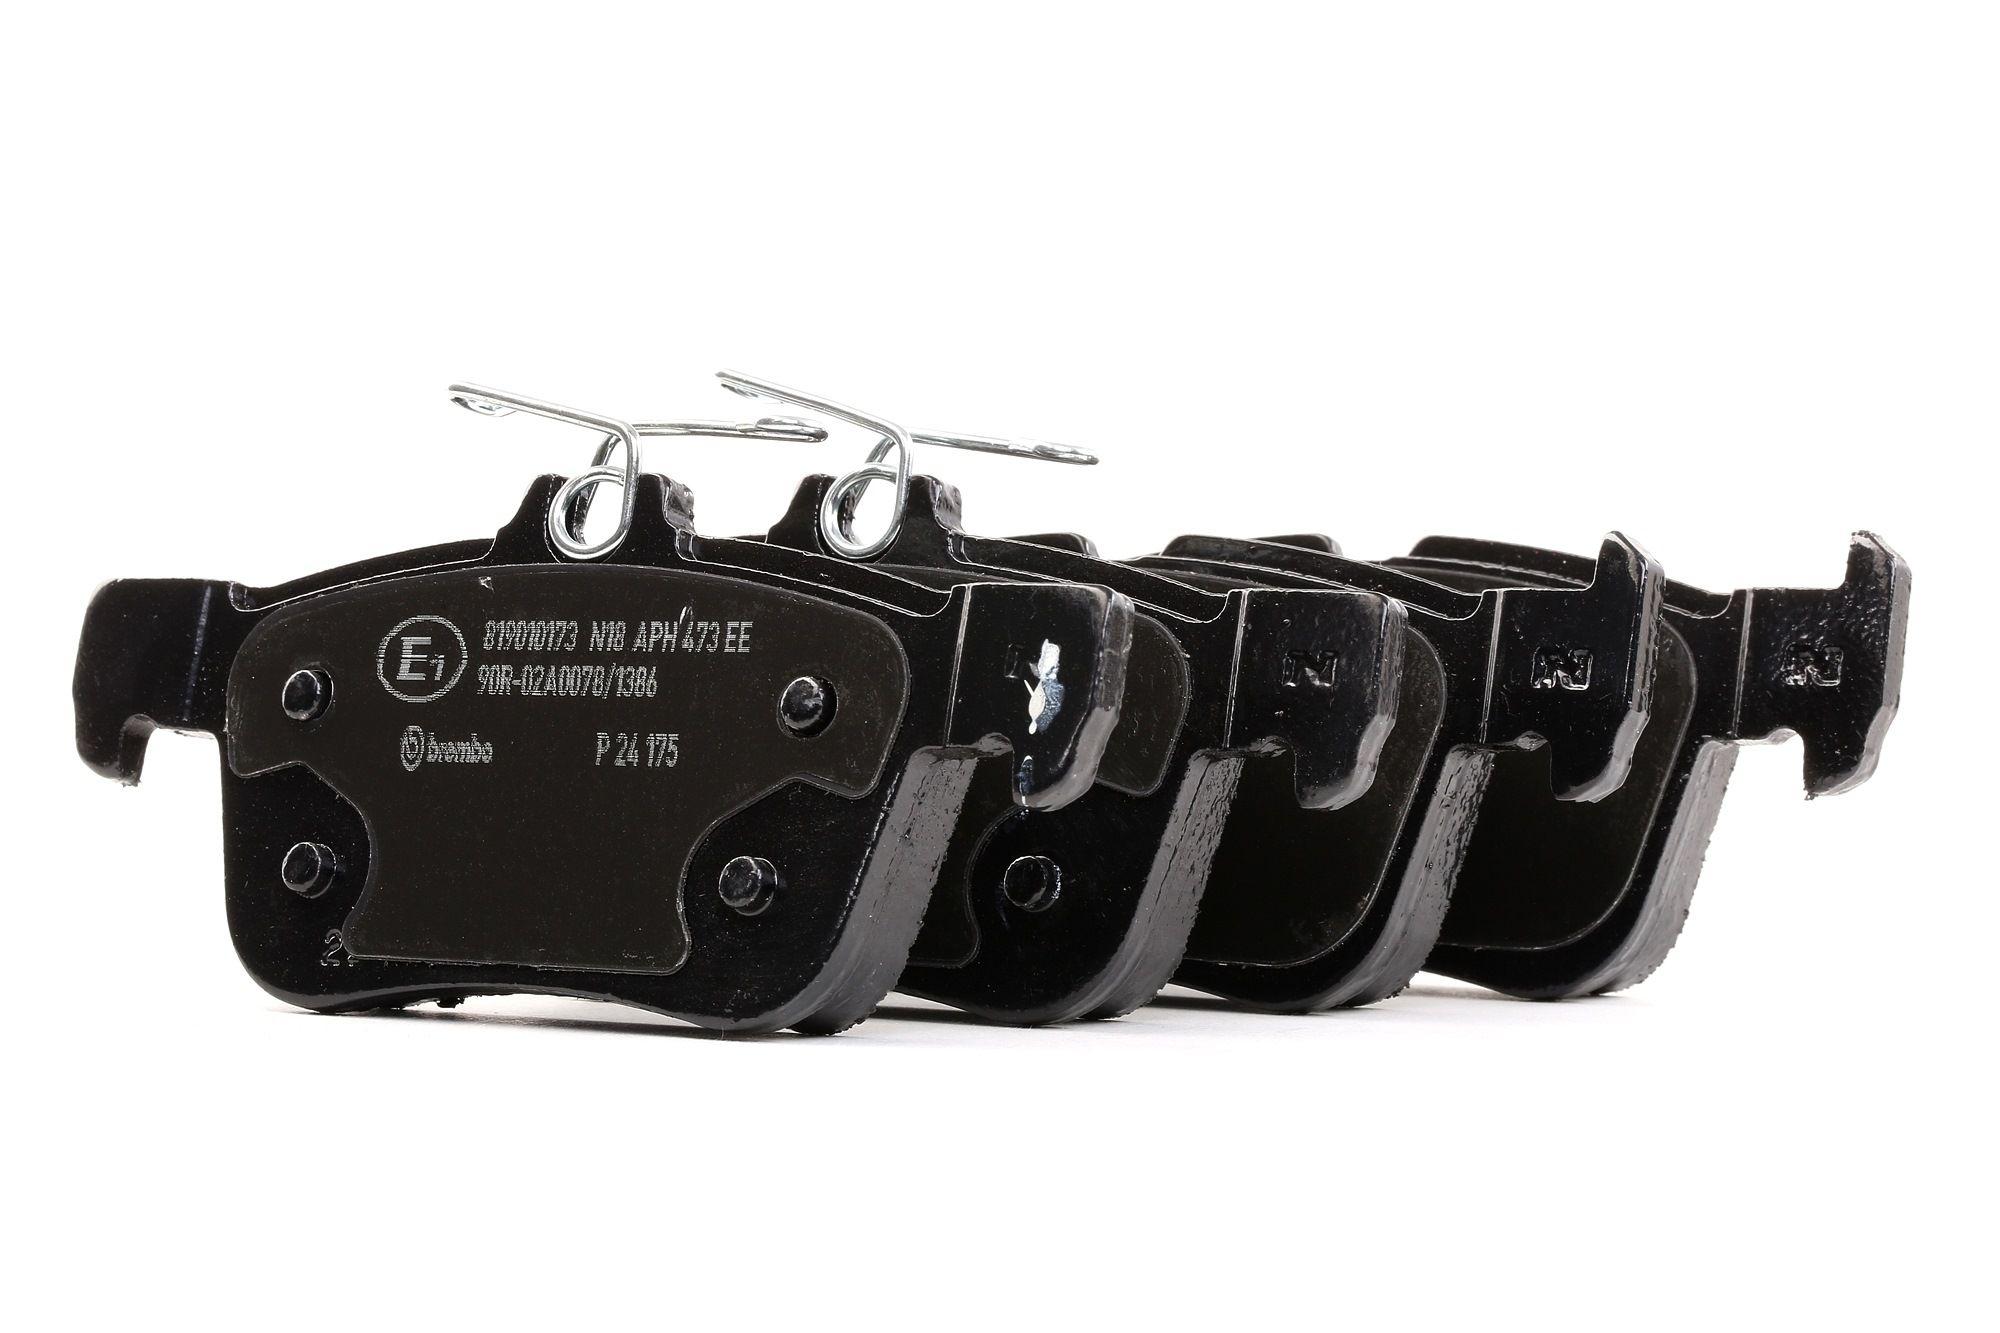 Bremsbelagsatz FORD USA Crown Victoria II (EN114) hinten + vorne 2005 - BREMBO P 24 175 (Höhe 1: 47,9mm, Höhe 2: 53,2mm, Breite: 123,25mm, Dicke/Stärke: 15,9mm)